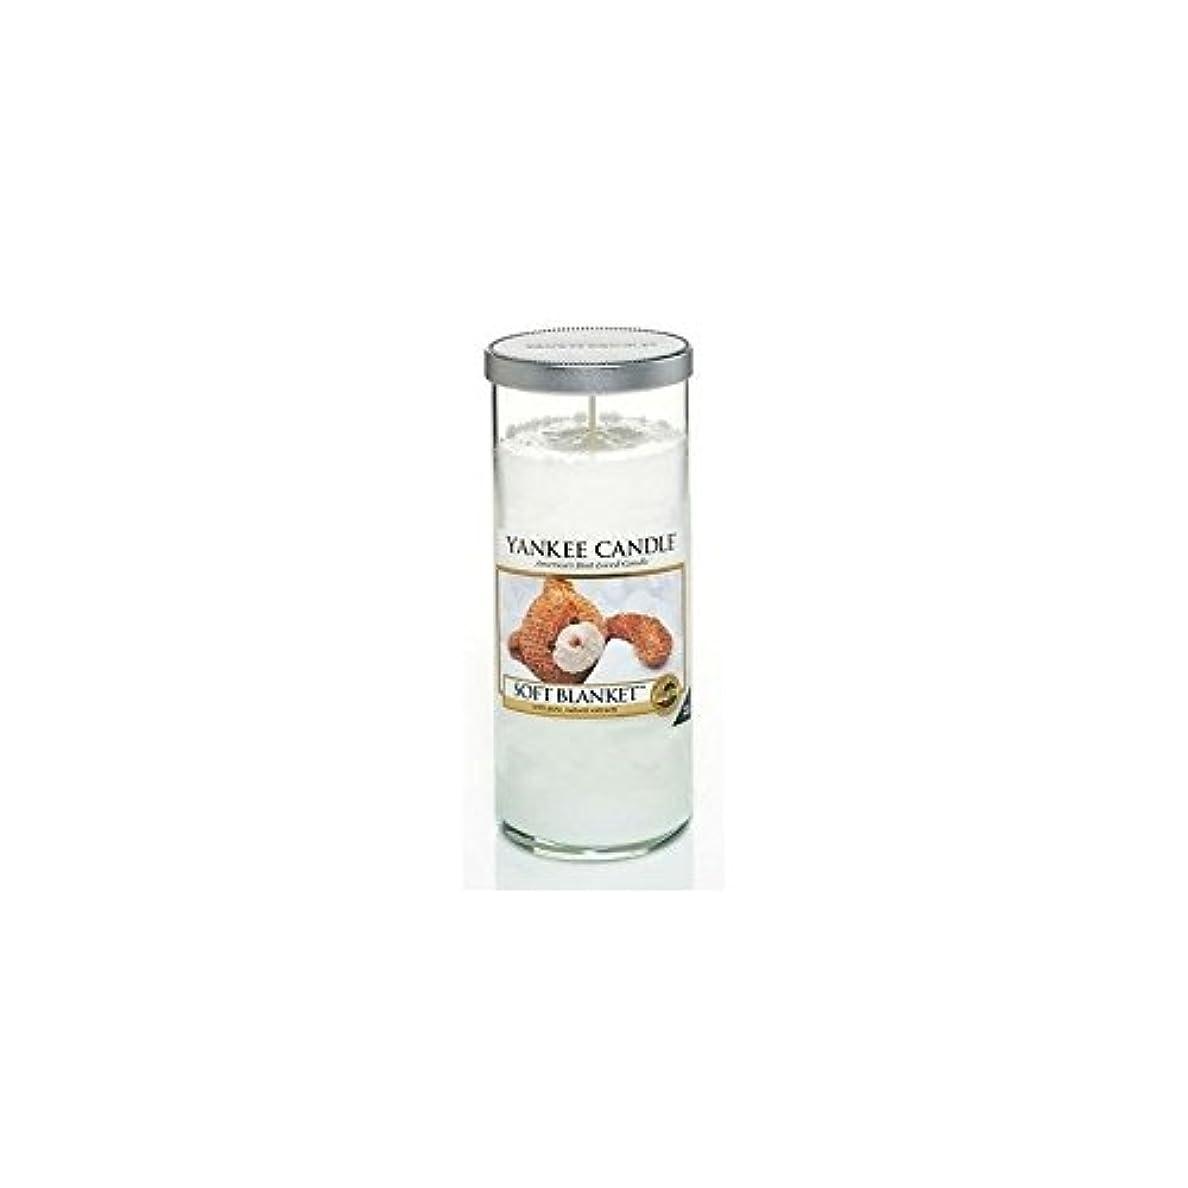 不名誉なワンダー持つYankee Candles Large Pillar Candle - Soft Blanket (Pack of 6) - ヤンキーキャンドル大きな柱キャンドル - ソフト毛布 (x6) [並行輸入品]